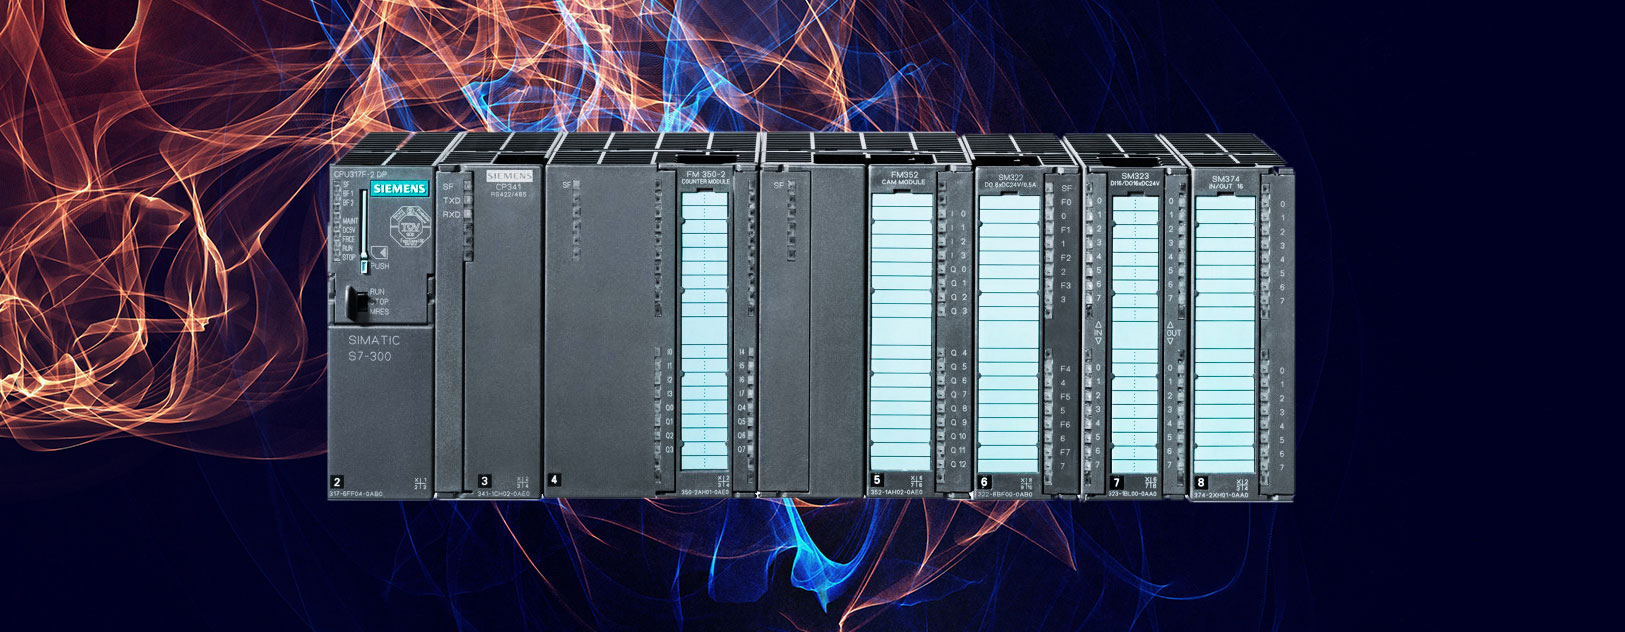 linea-di-produzione-industria-4.0-plc-siemens-simatic